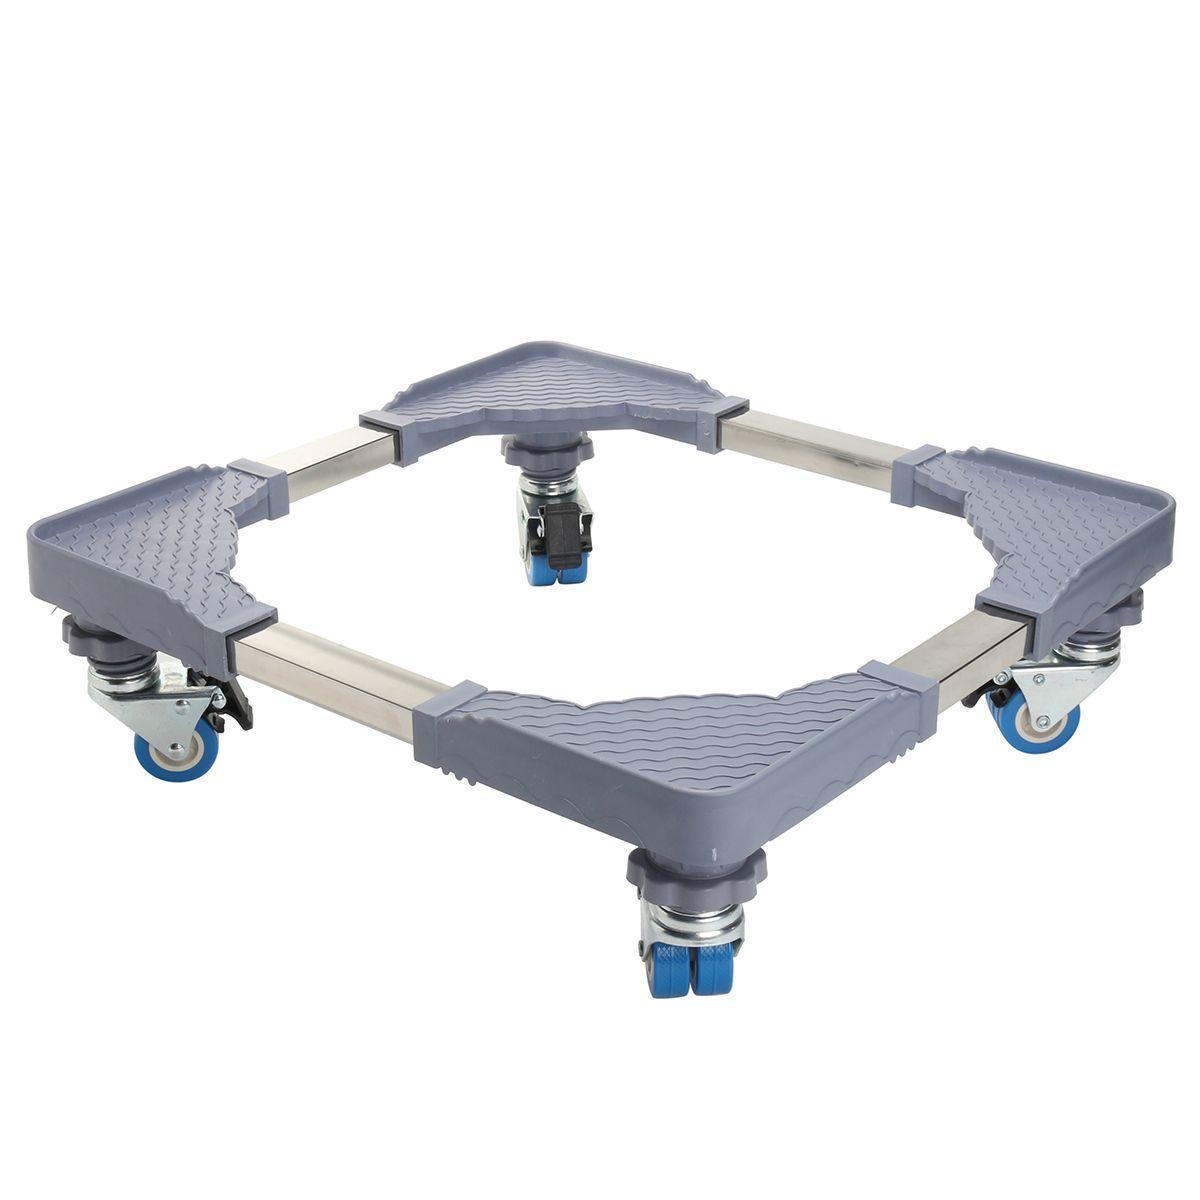 Soporte ajustable del soporte del pedestal del lavadero de for Base para lavadero